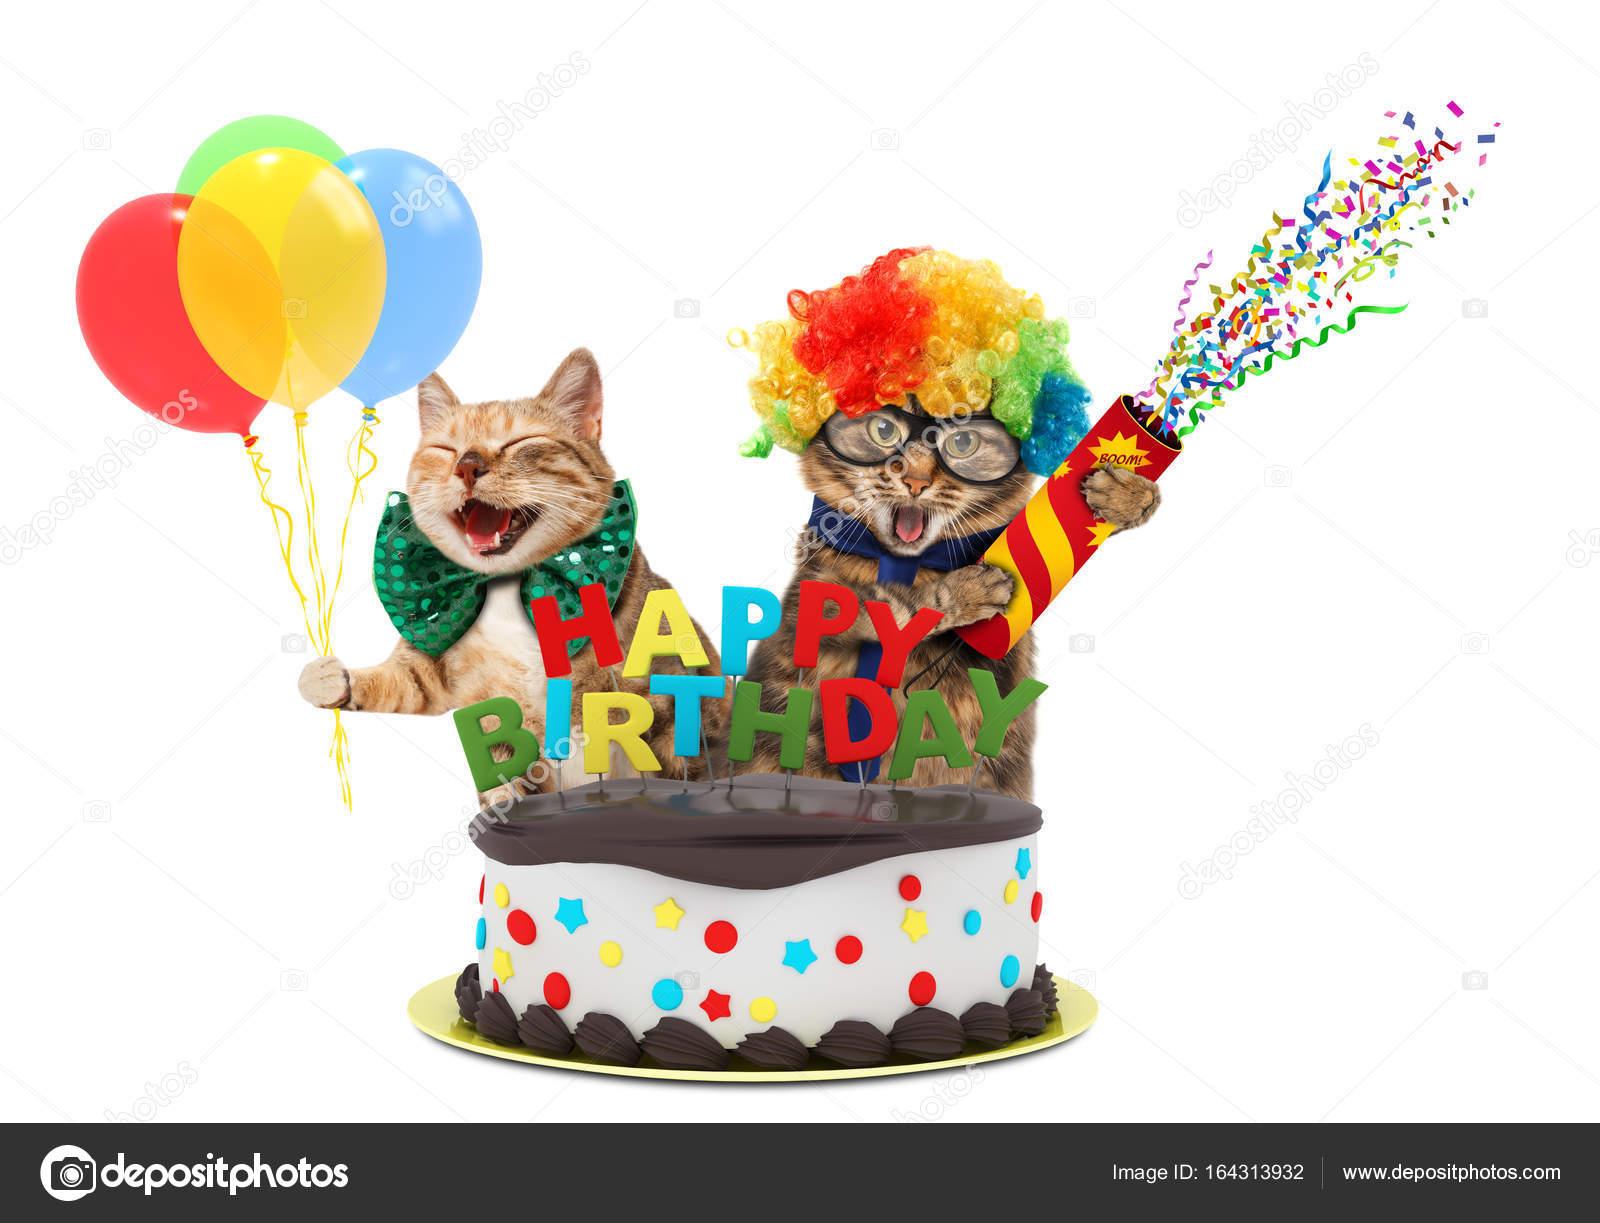 śmieszne Koty Z Petard I Urodzinowy Tort One Mają Na Sobie Ubrania